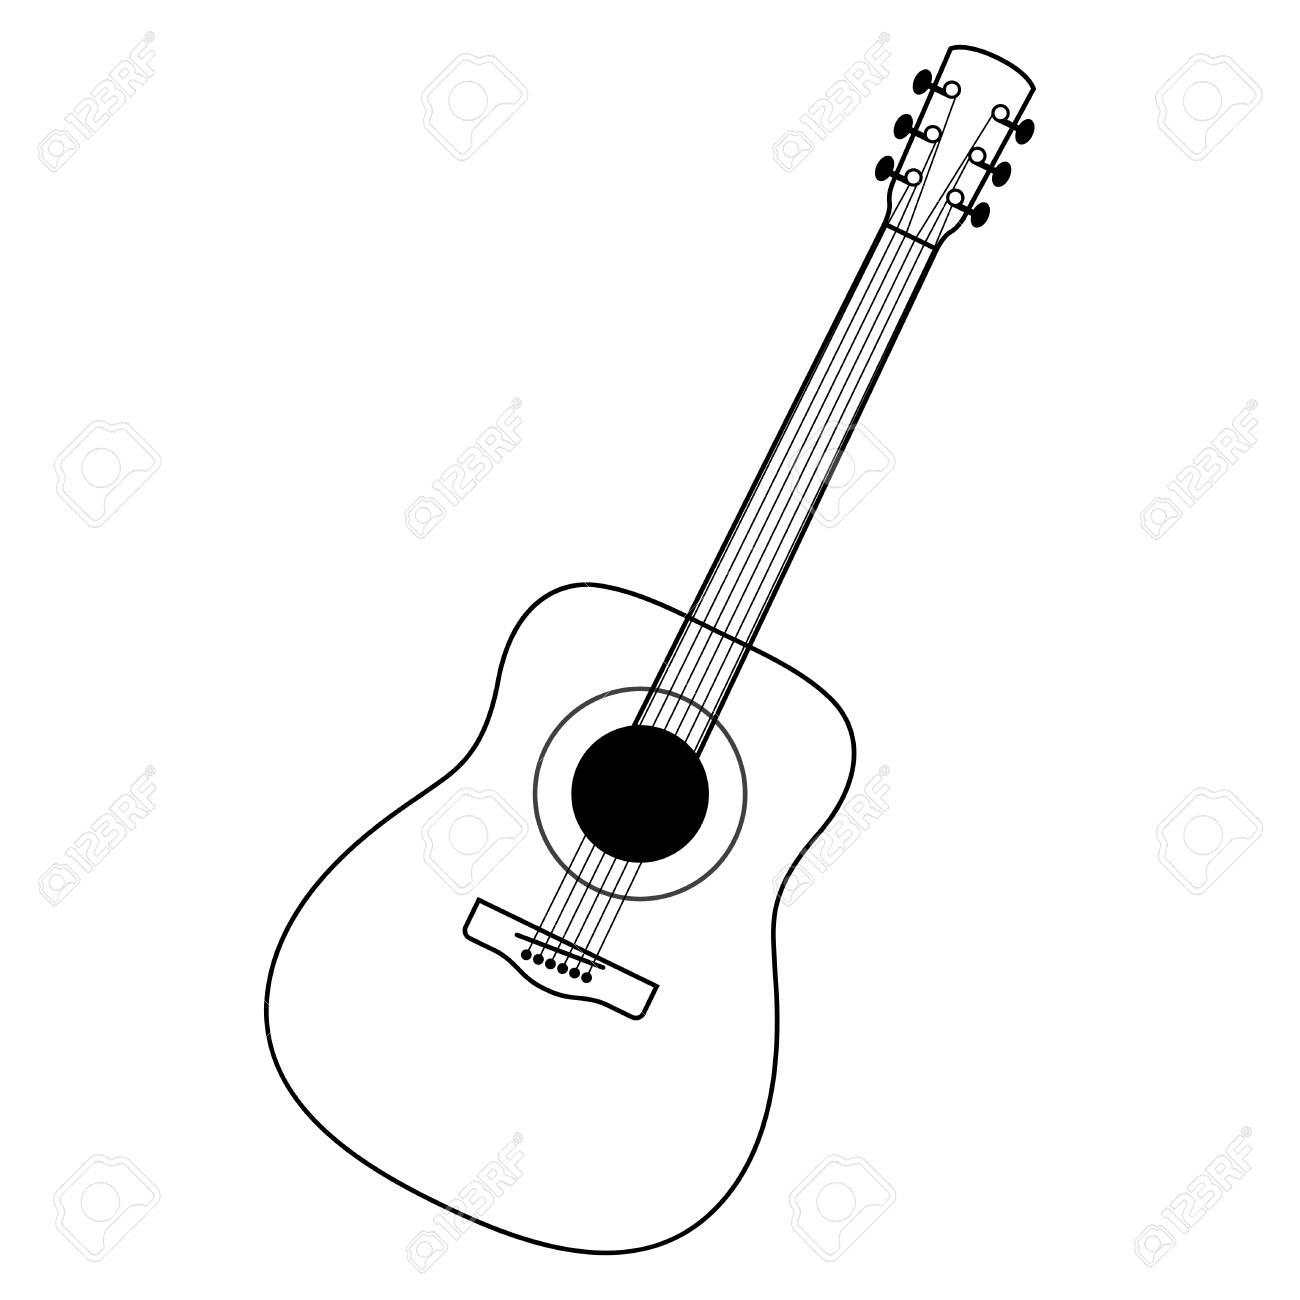 Guitar. Black.